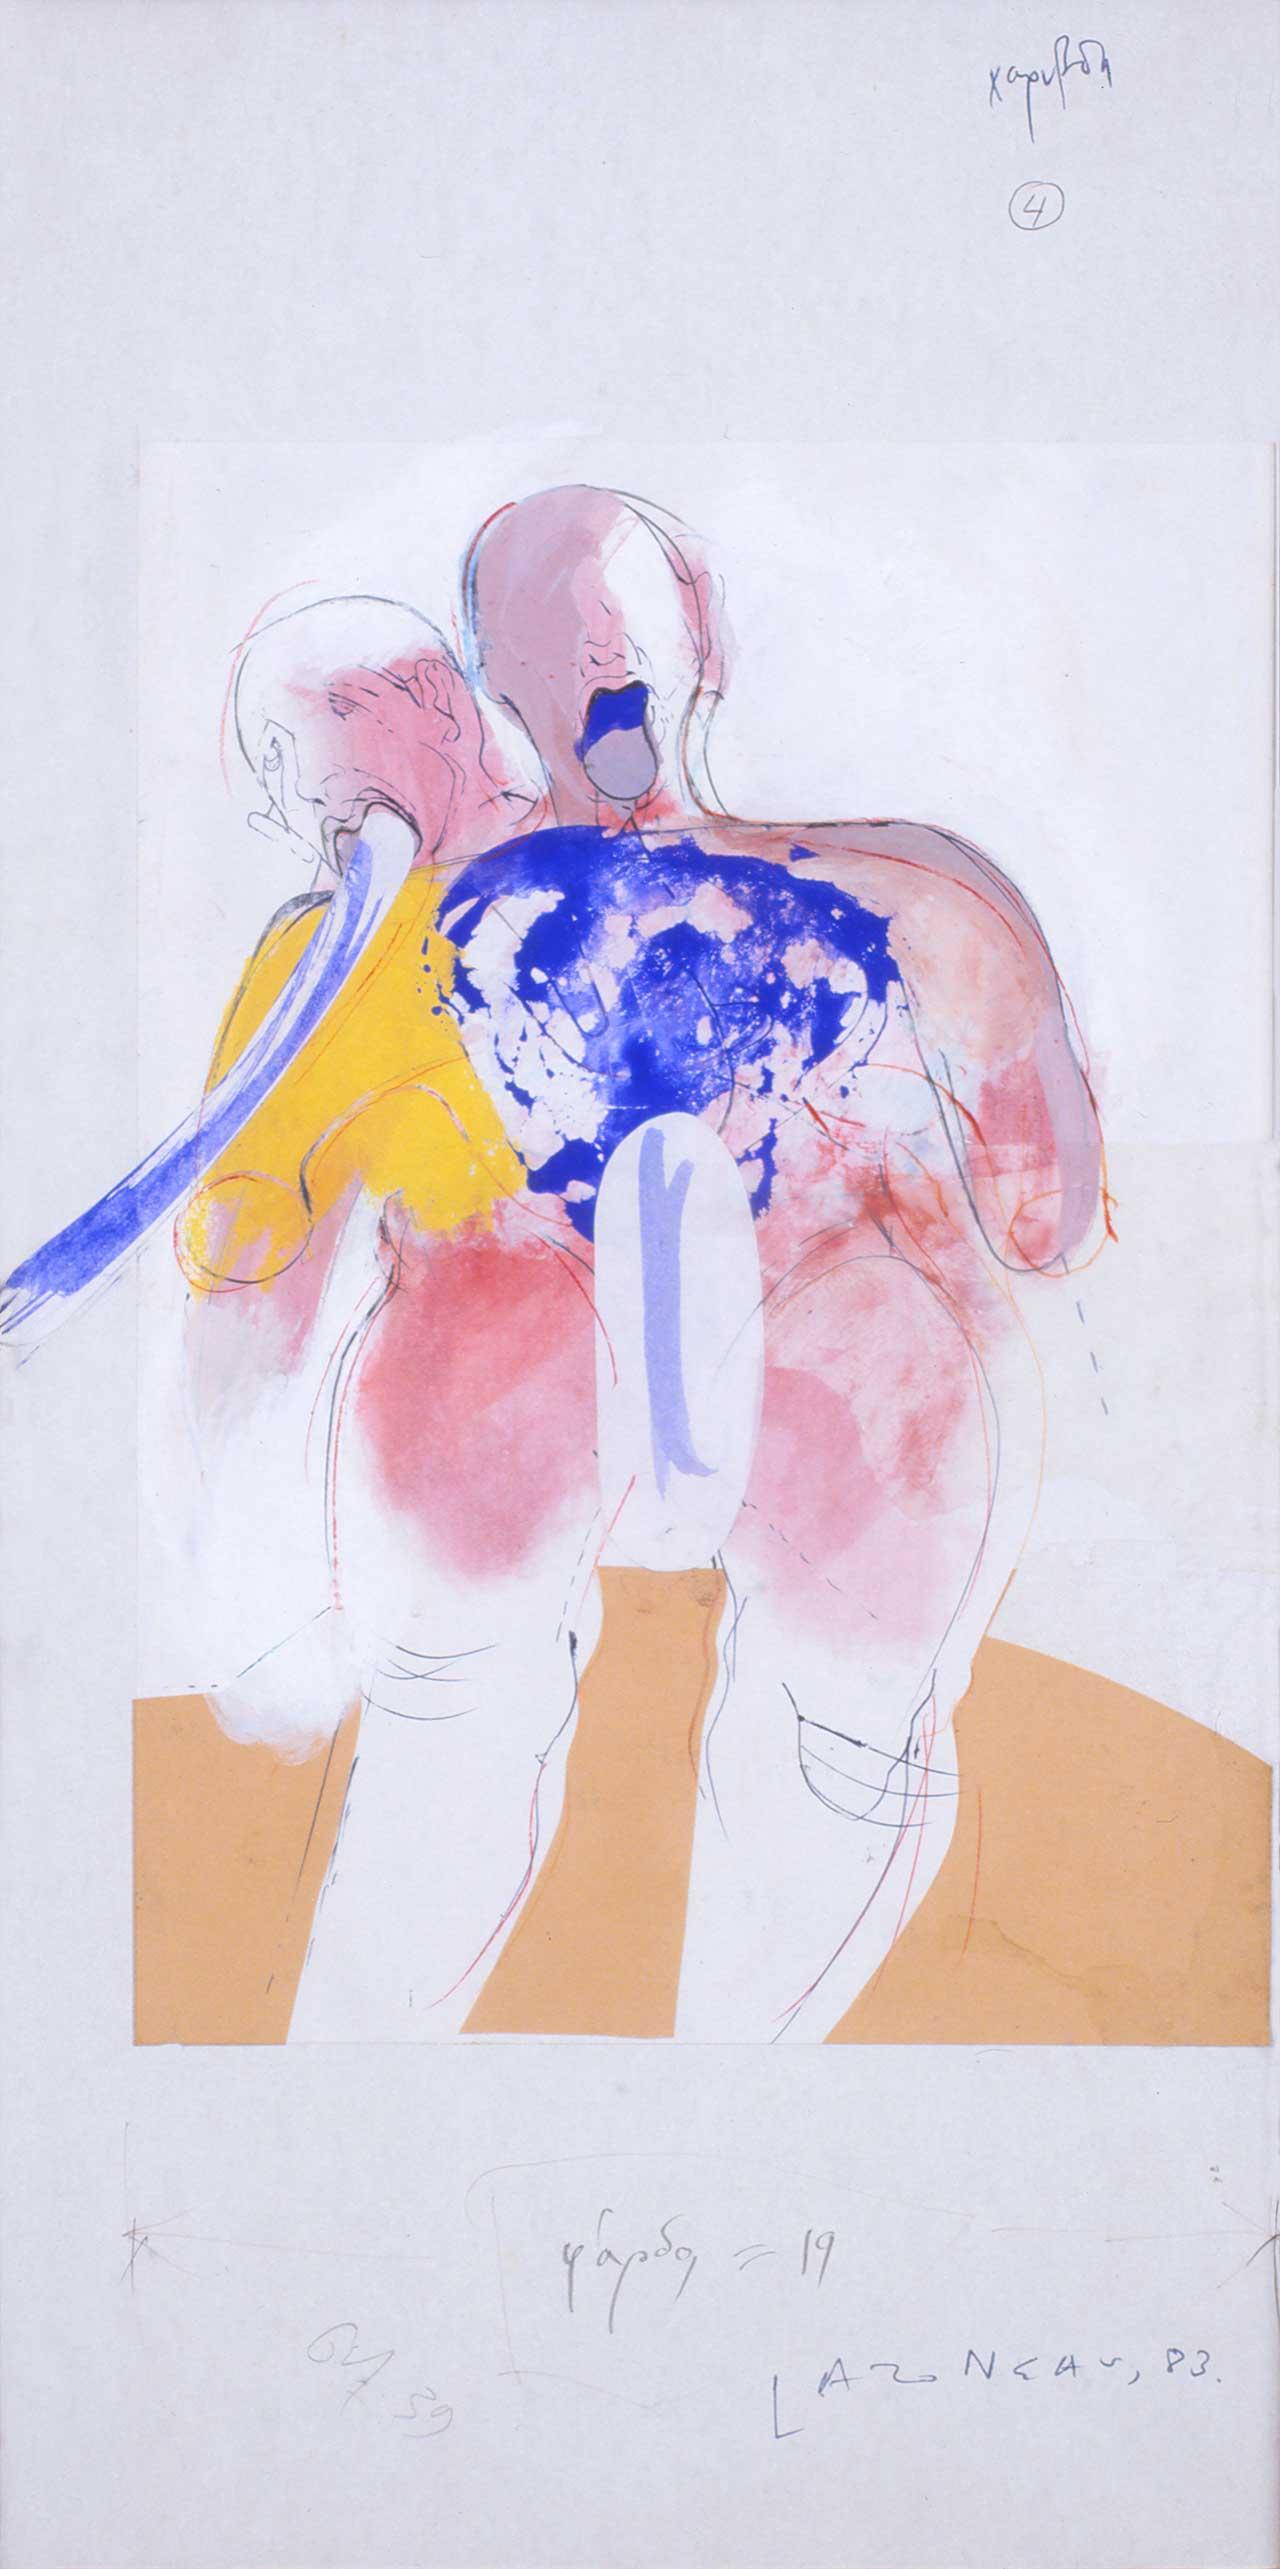 Χάρυβδη, 1983, σχέδιο, 50x25 εκ.